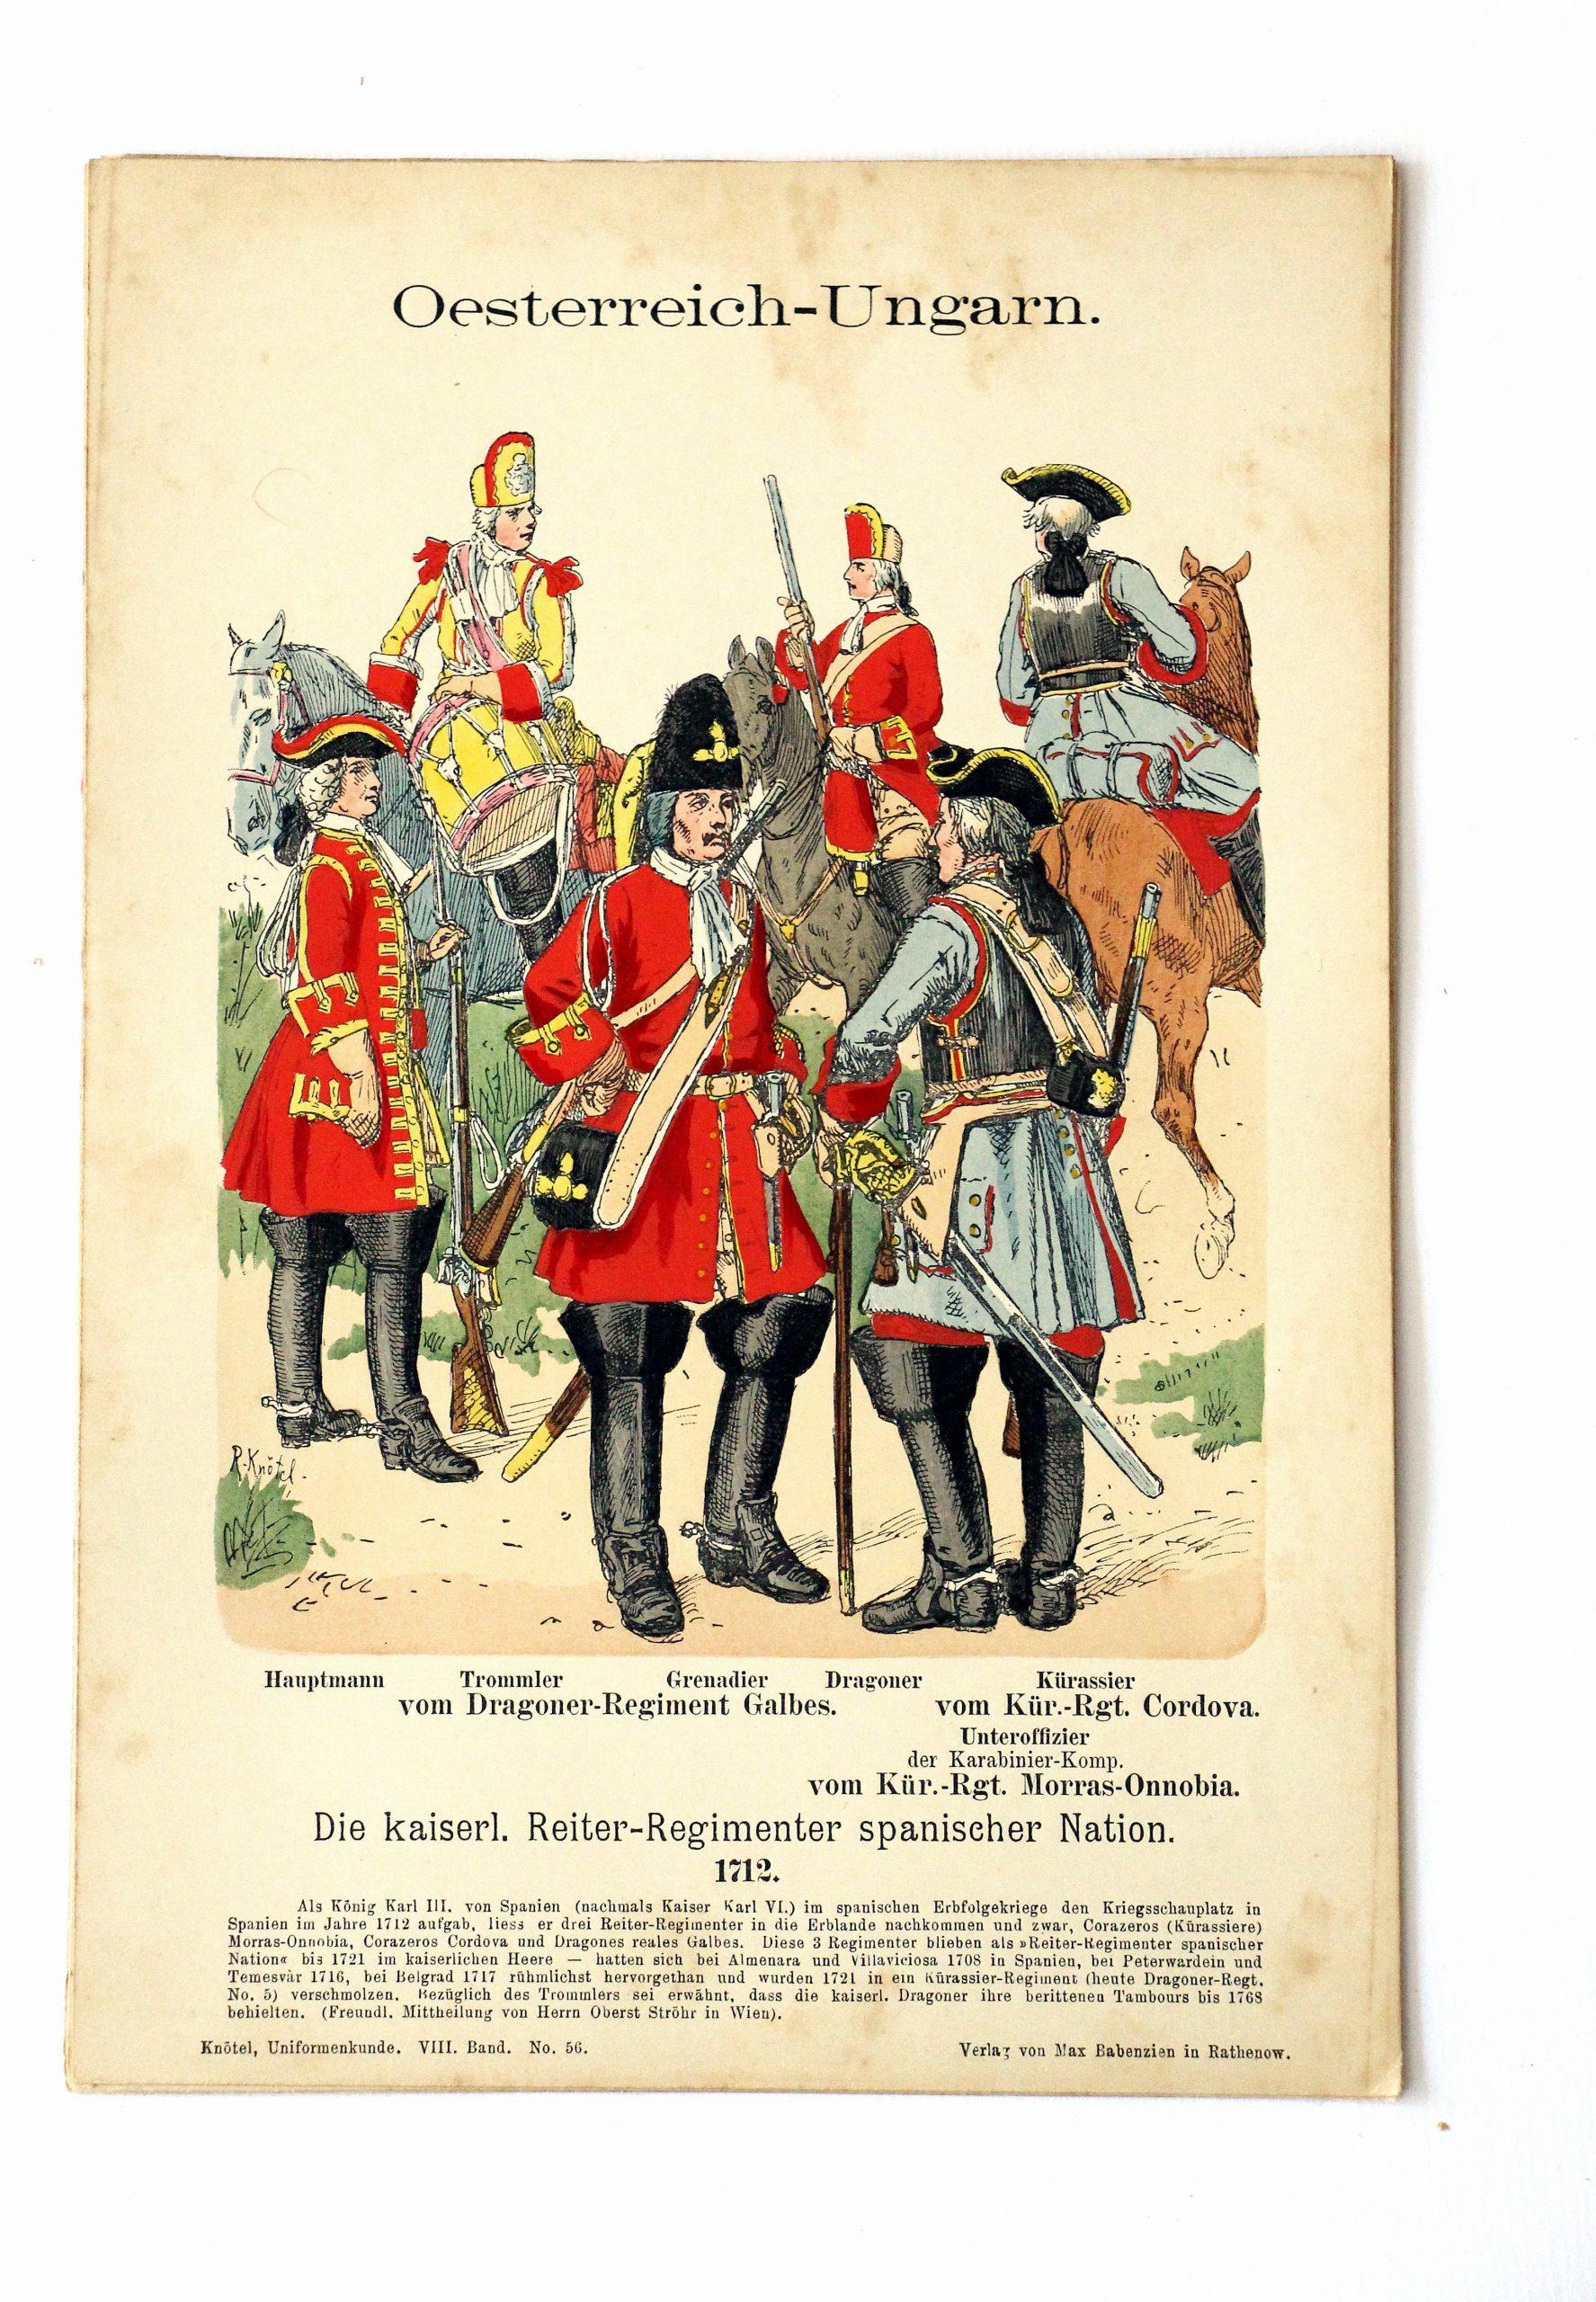 Oesterreich - Ungarn - Uniformenkunde - Richard Knoetel - VIII - Planche 56